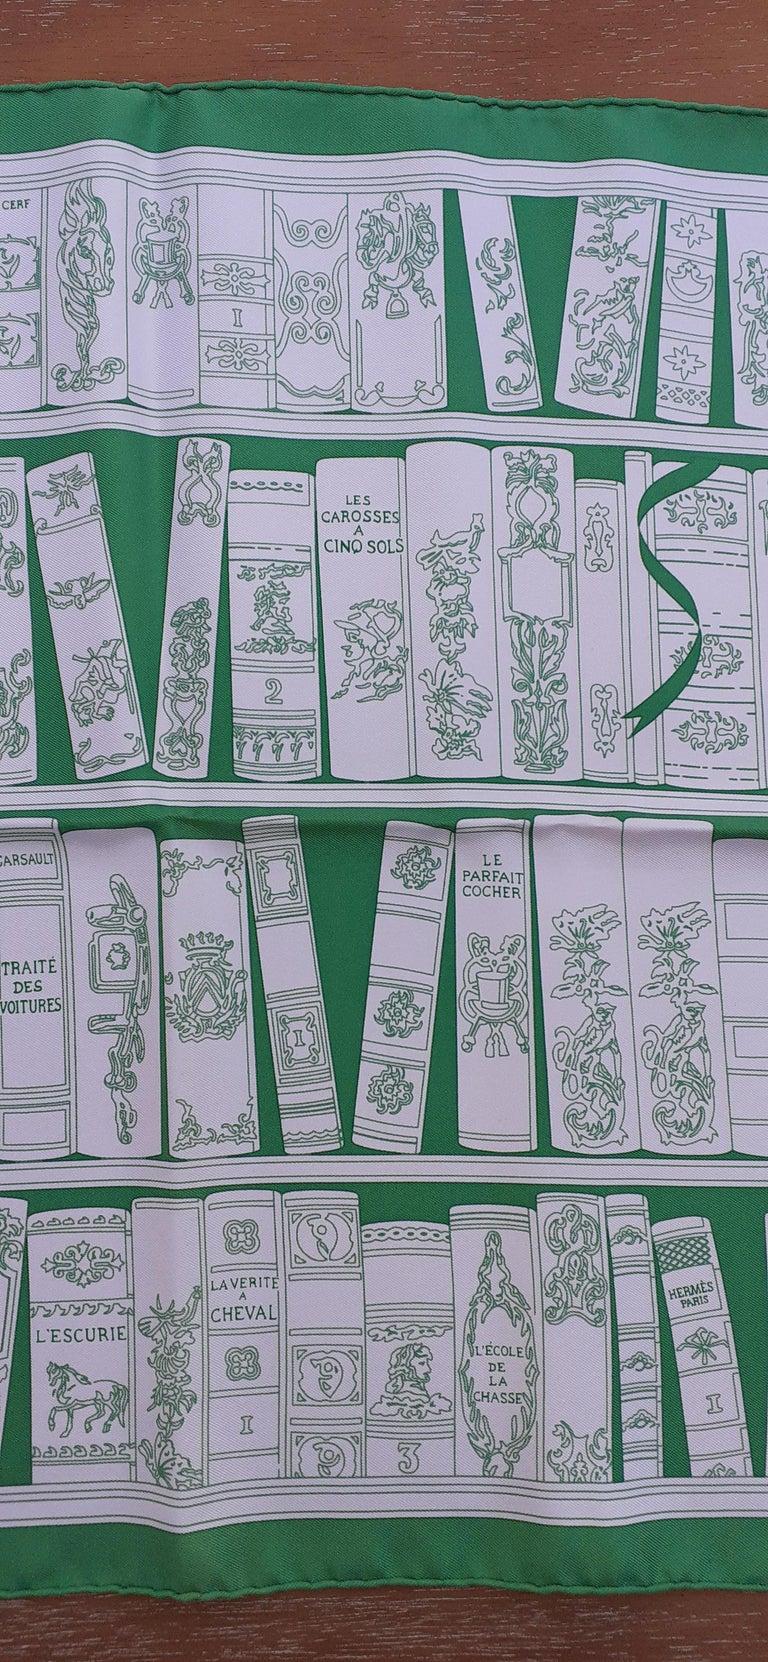 Hermès Small Silk Scarf Gavroche Bibliothèque Books White Green 42 cm In New Condition In ., FR